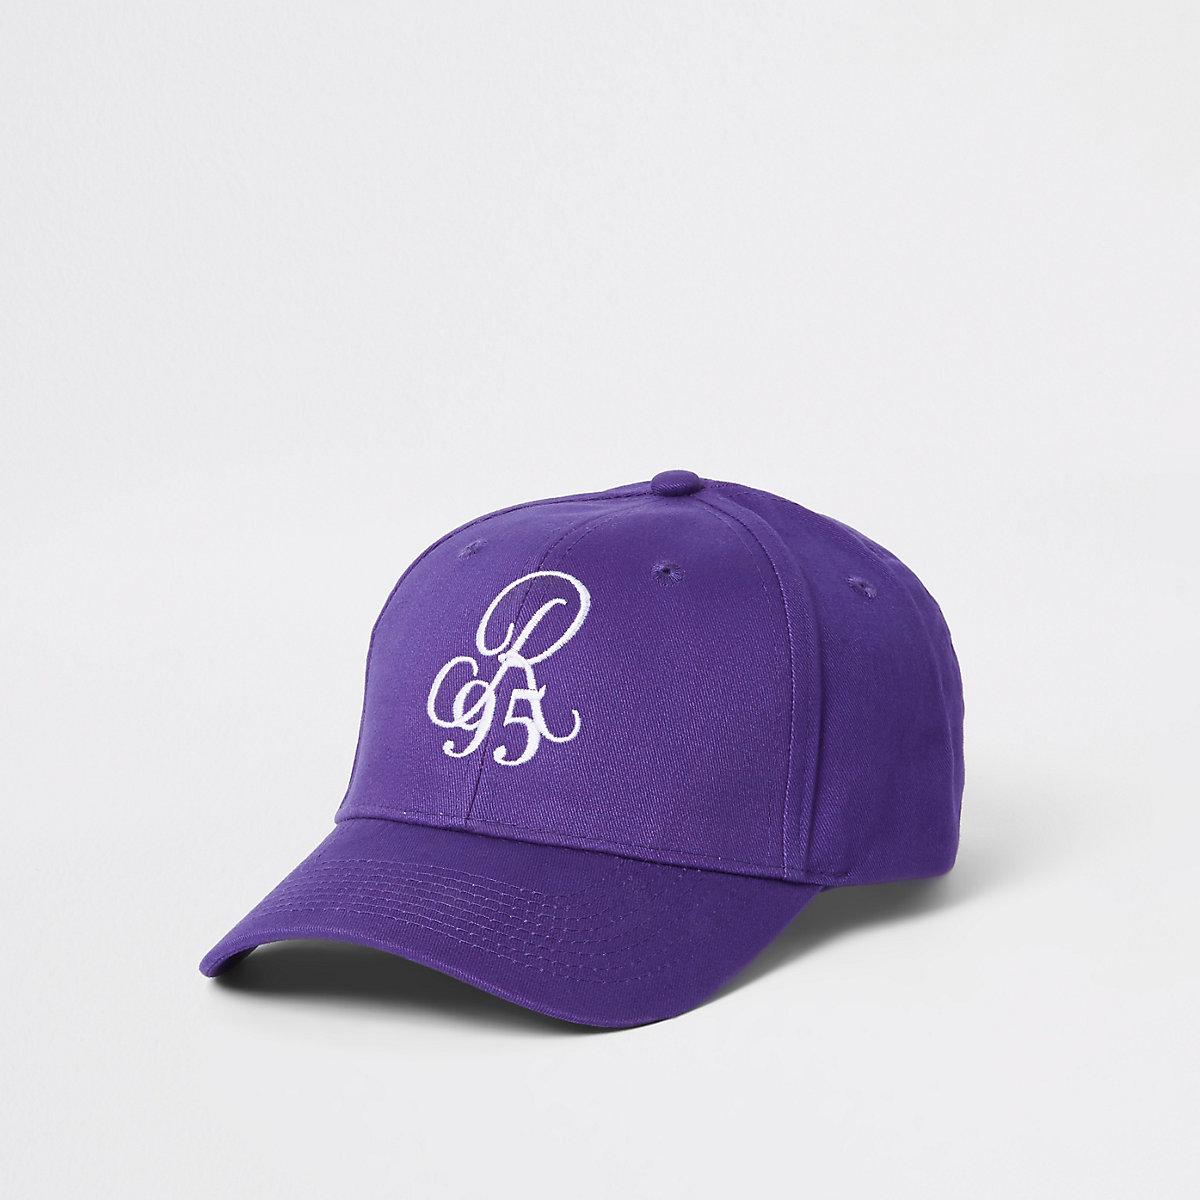 Purple 'R95' baseball cap